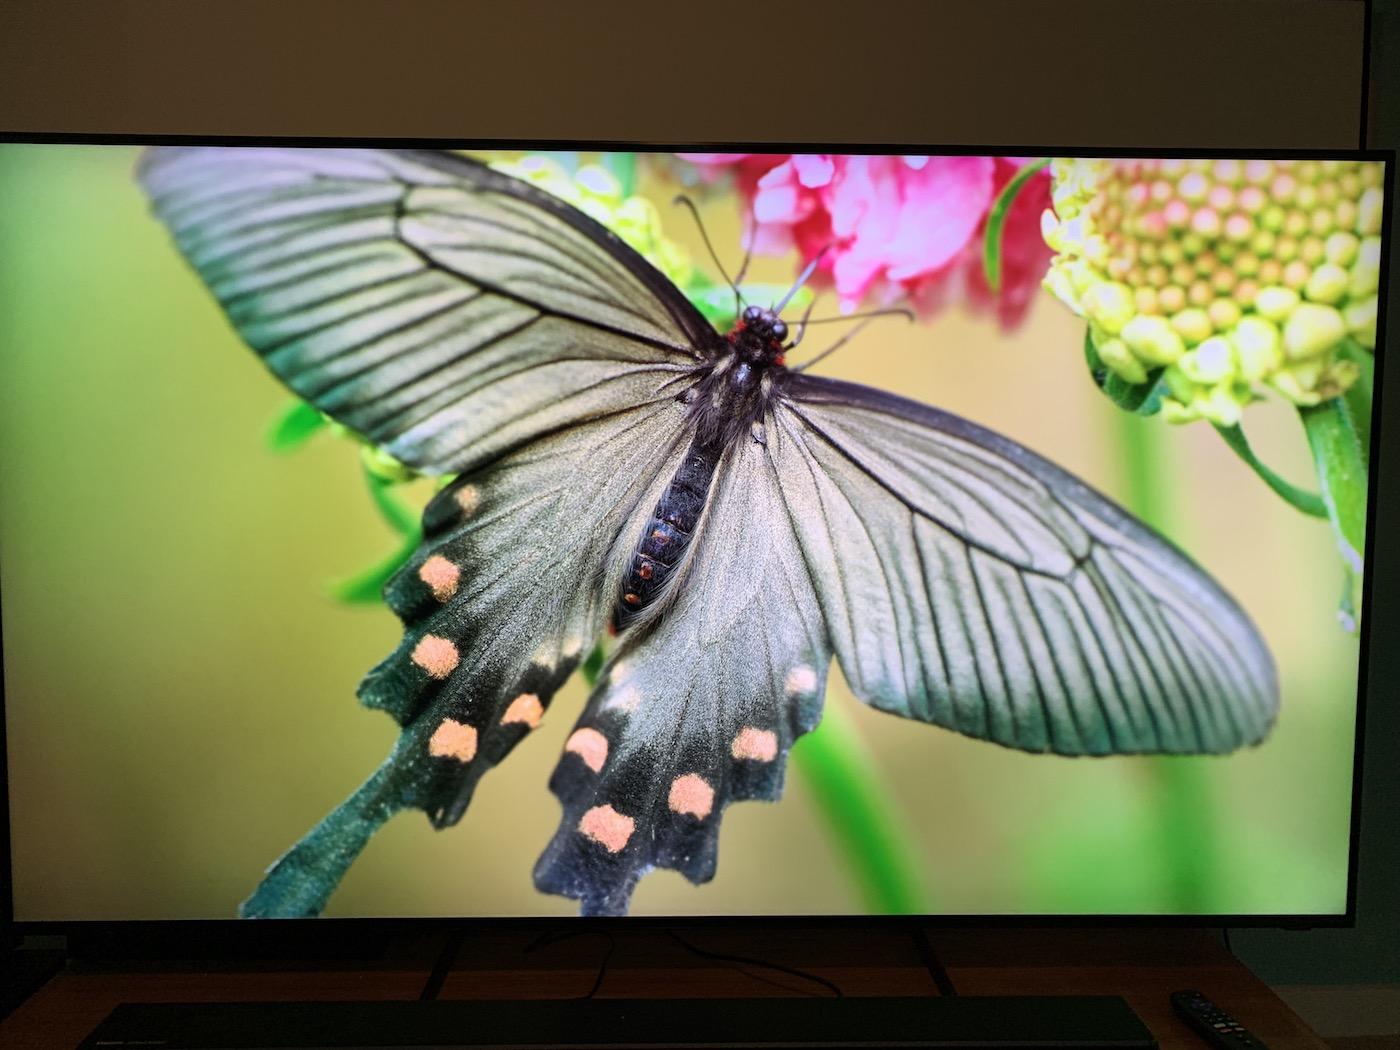 téléviseur QLED 8K Q900R de Samsung